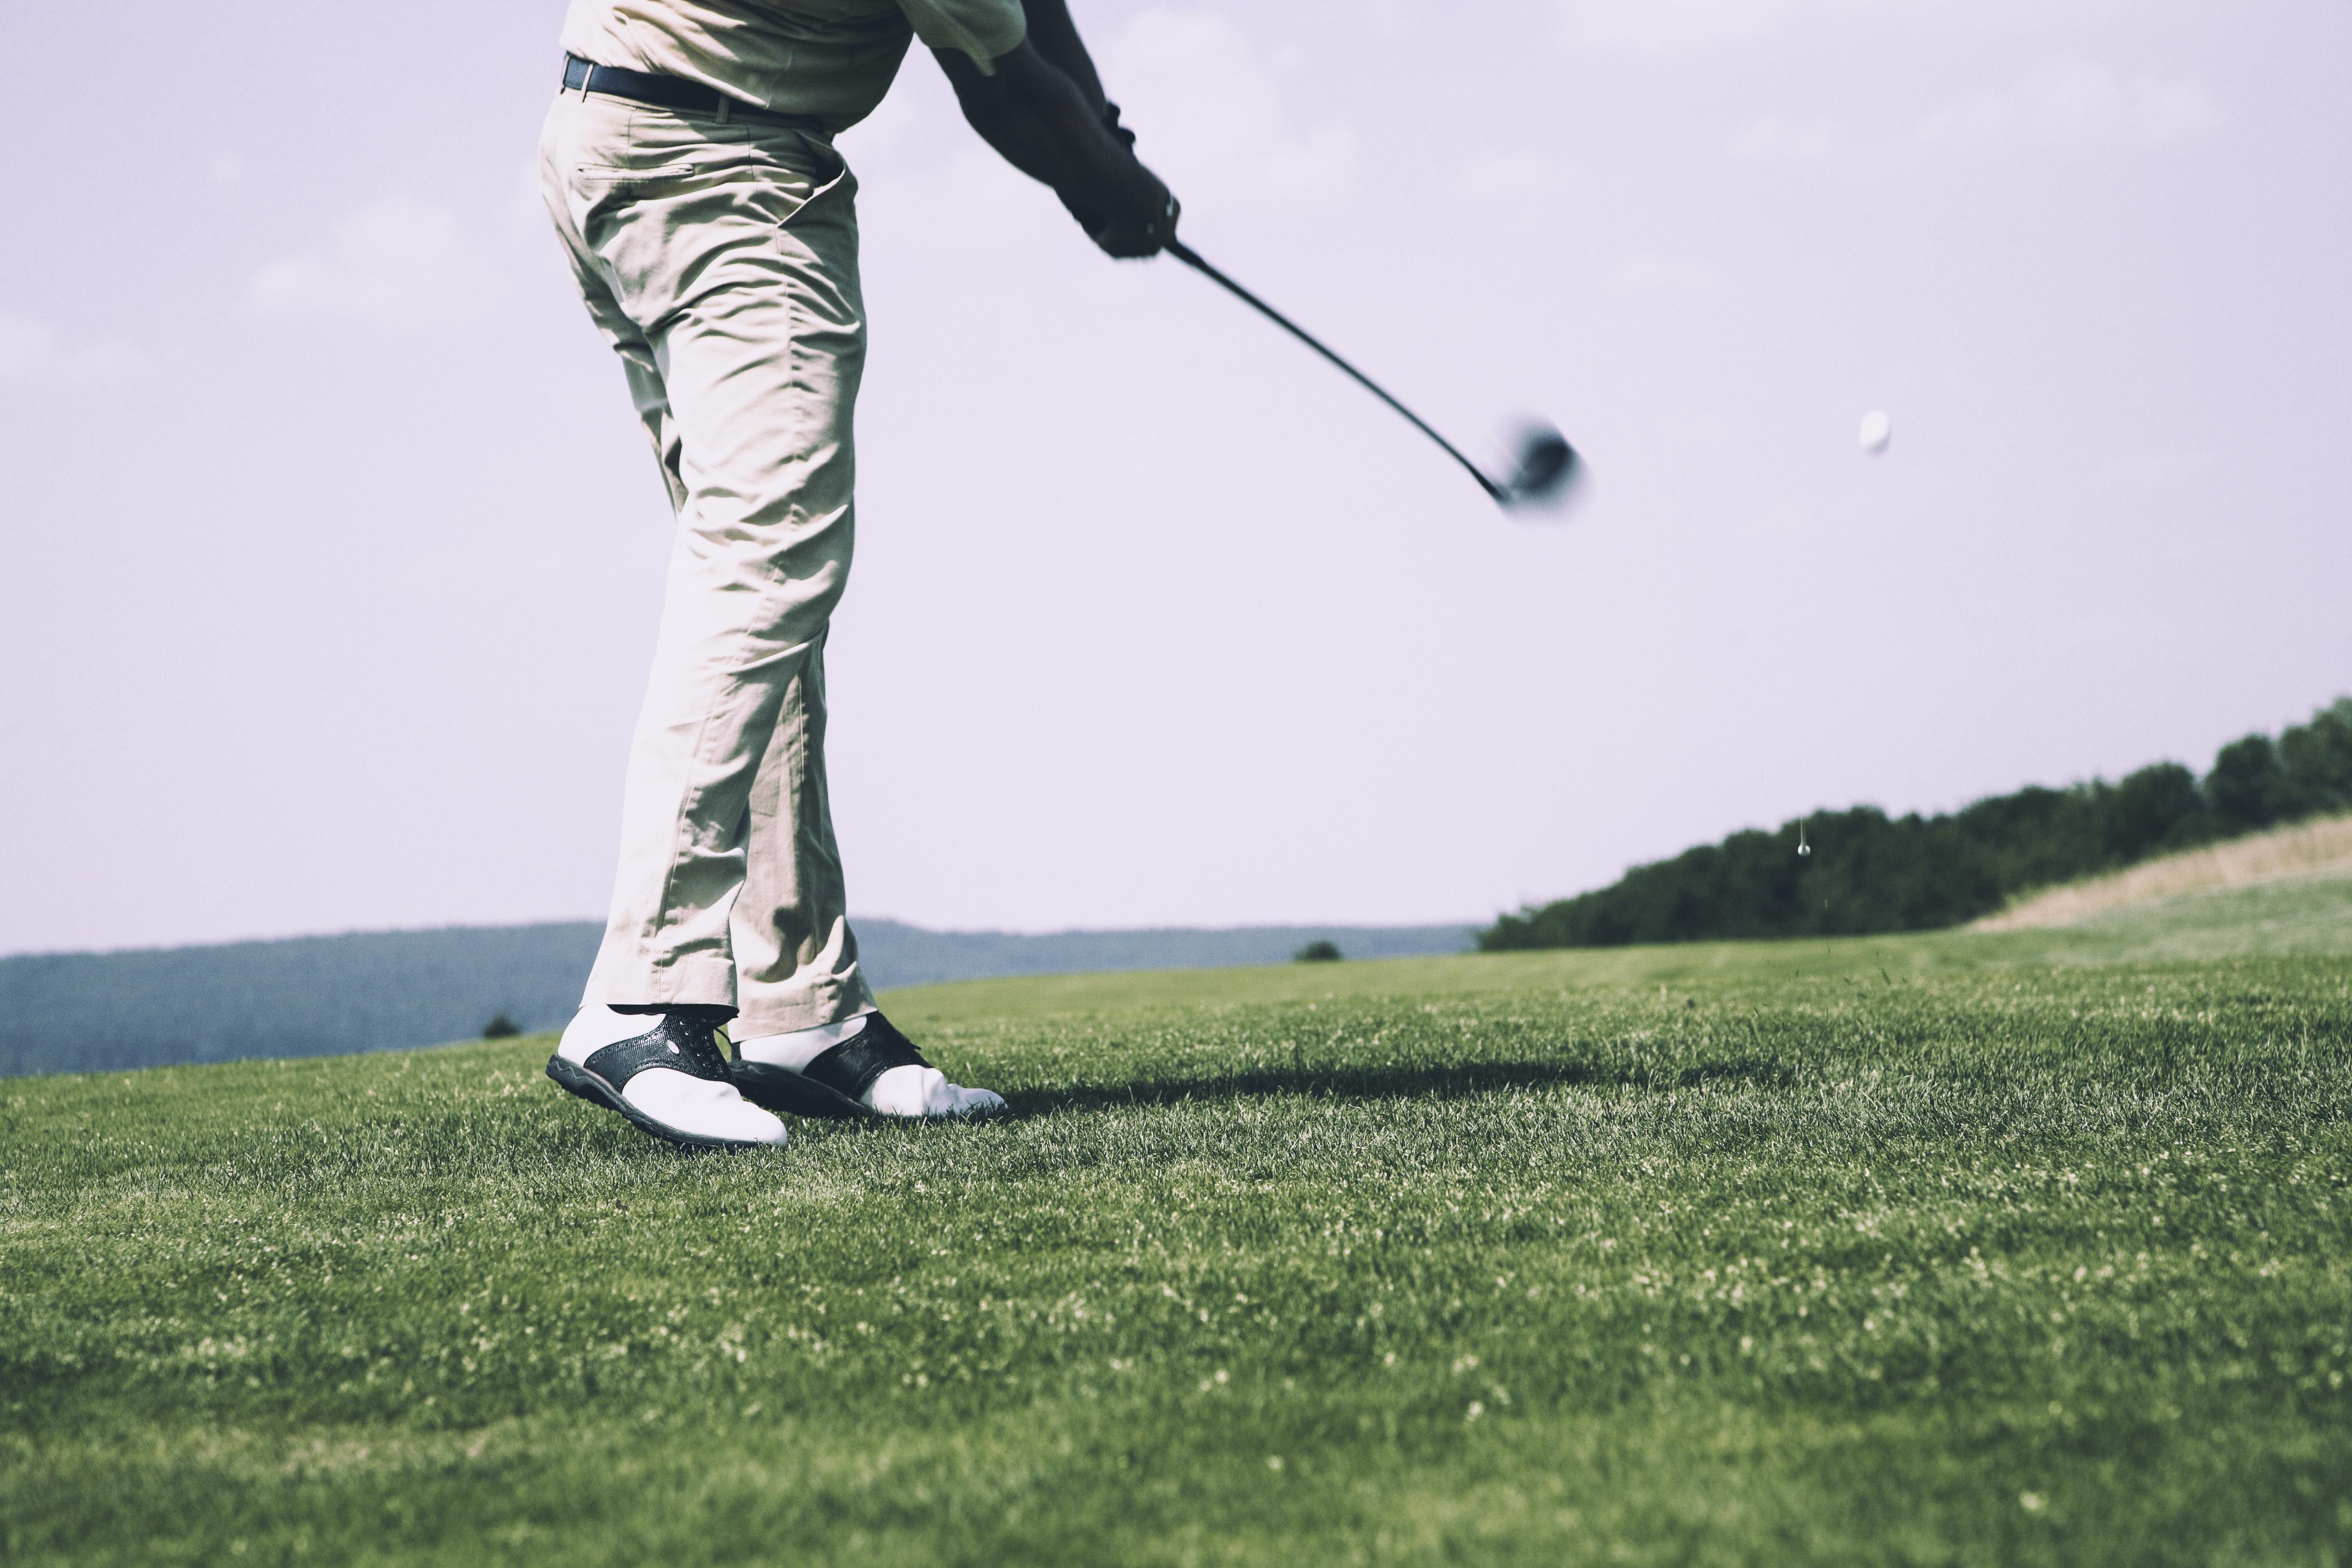 Spil golf i Dubai: Luksus, lokale traditioner og kontraster i de vildeste omgivelser